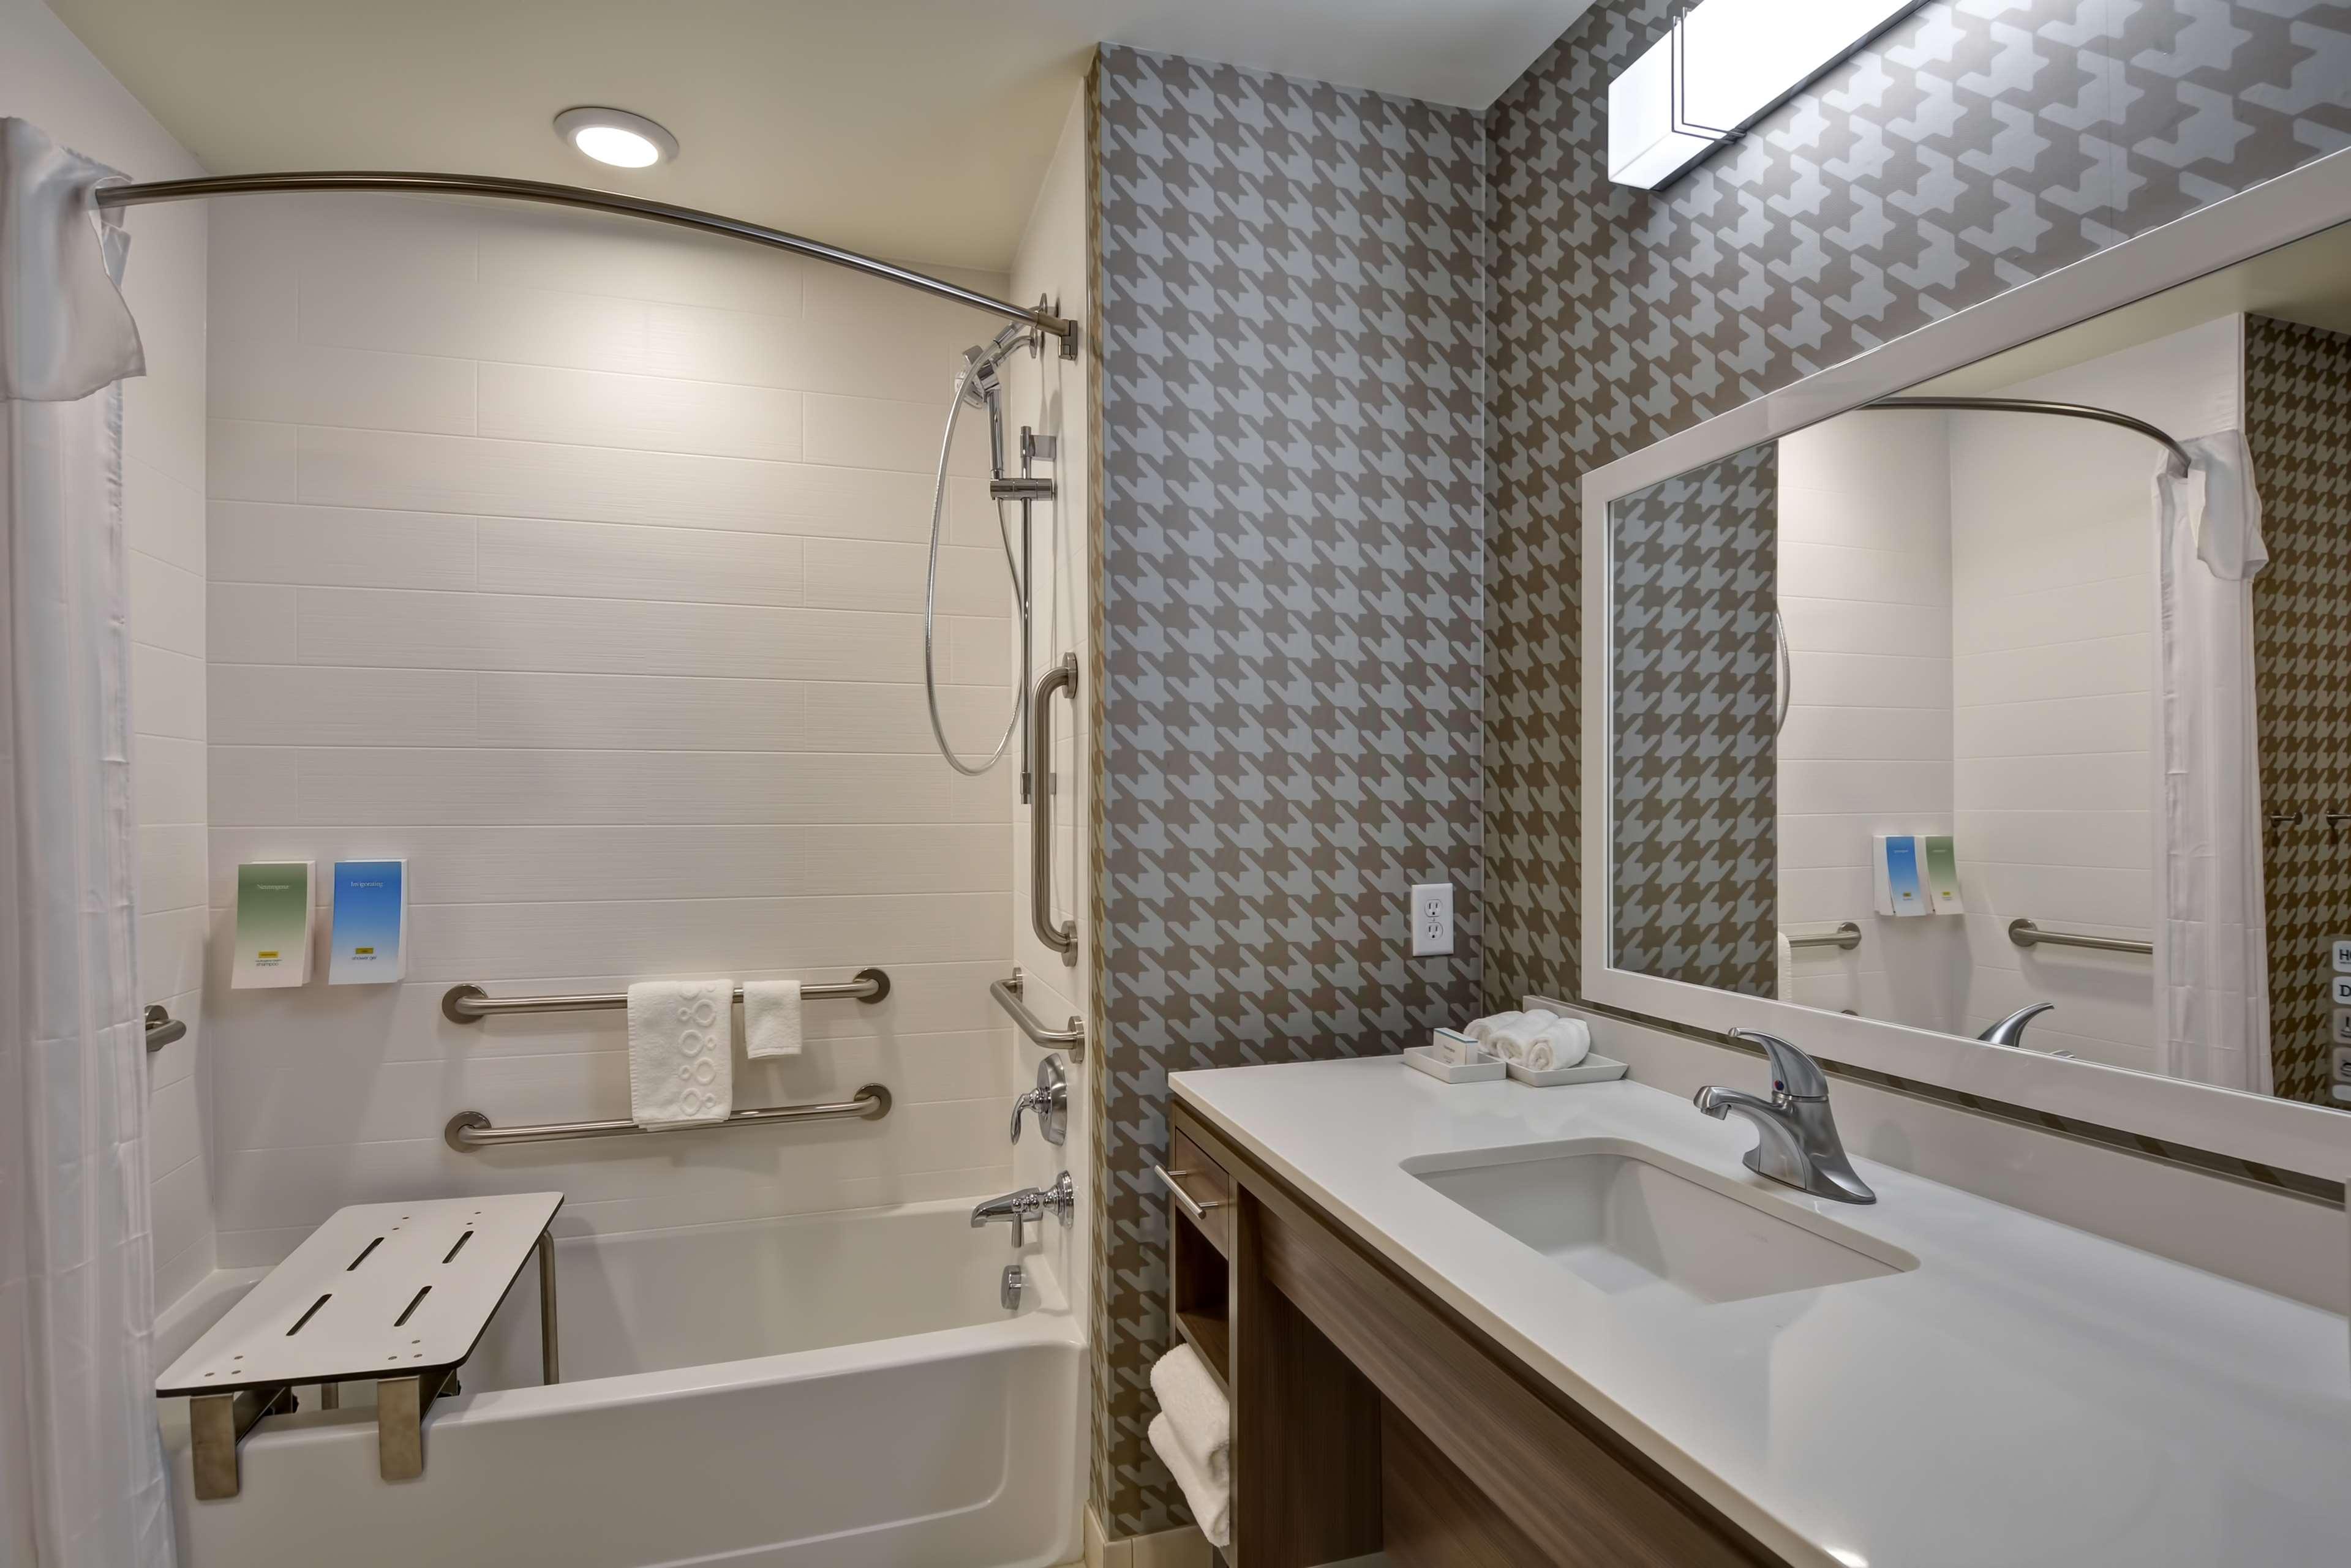 Home2 Suites by Hilton Lafayette image 31